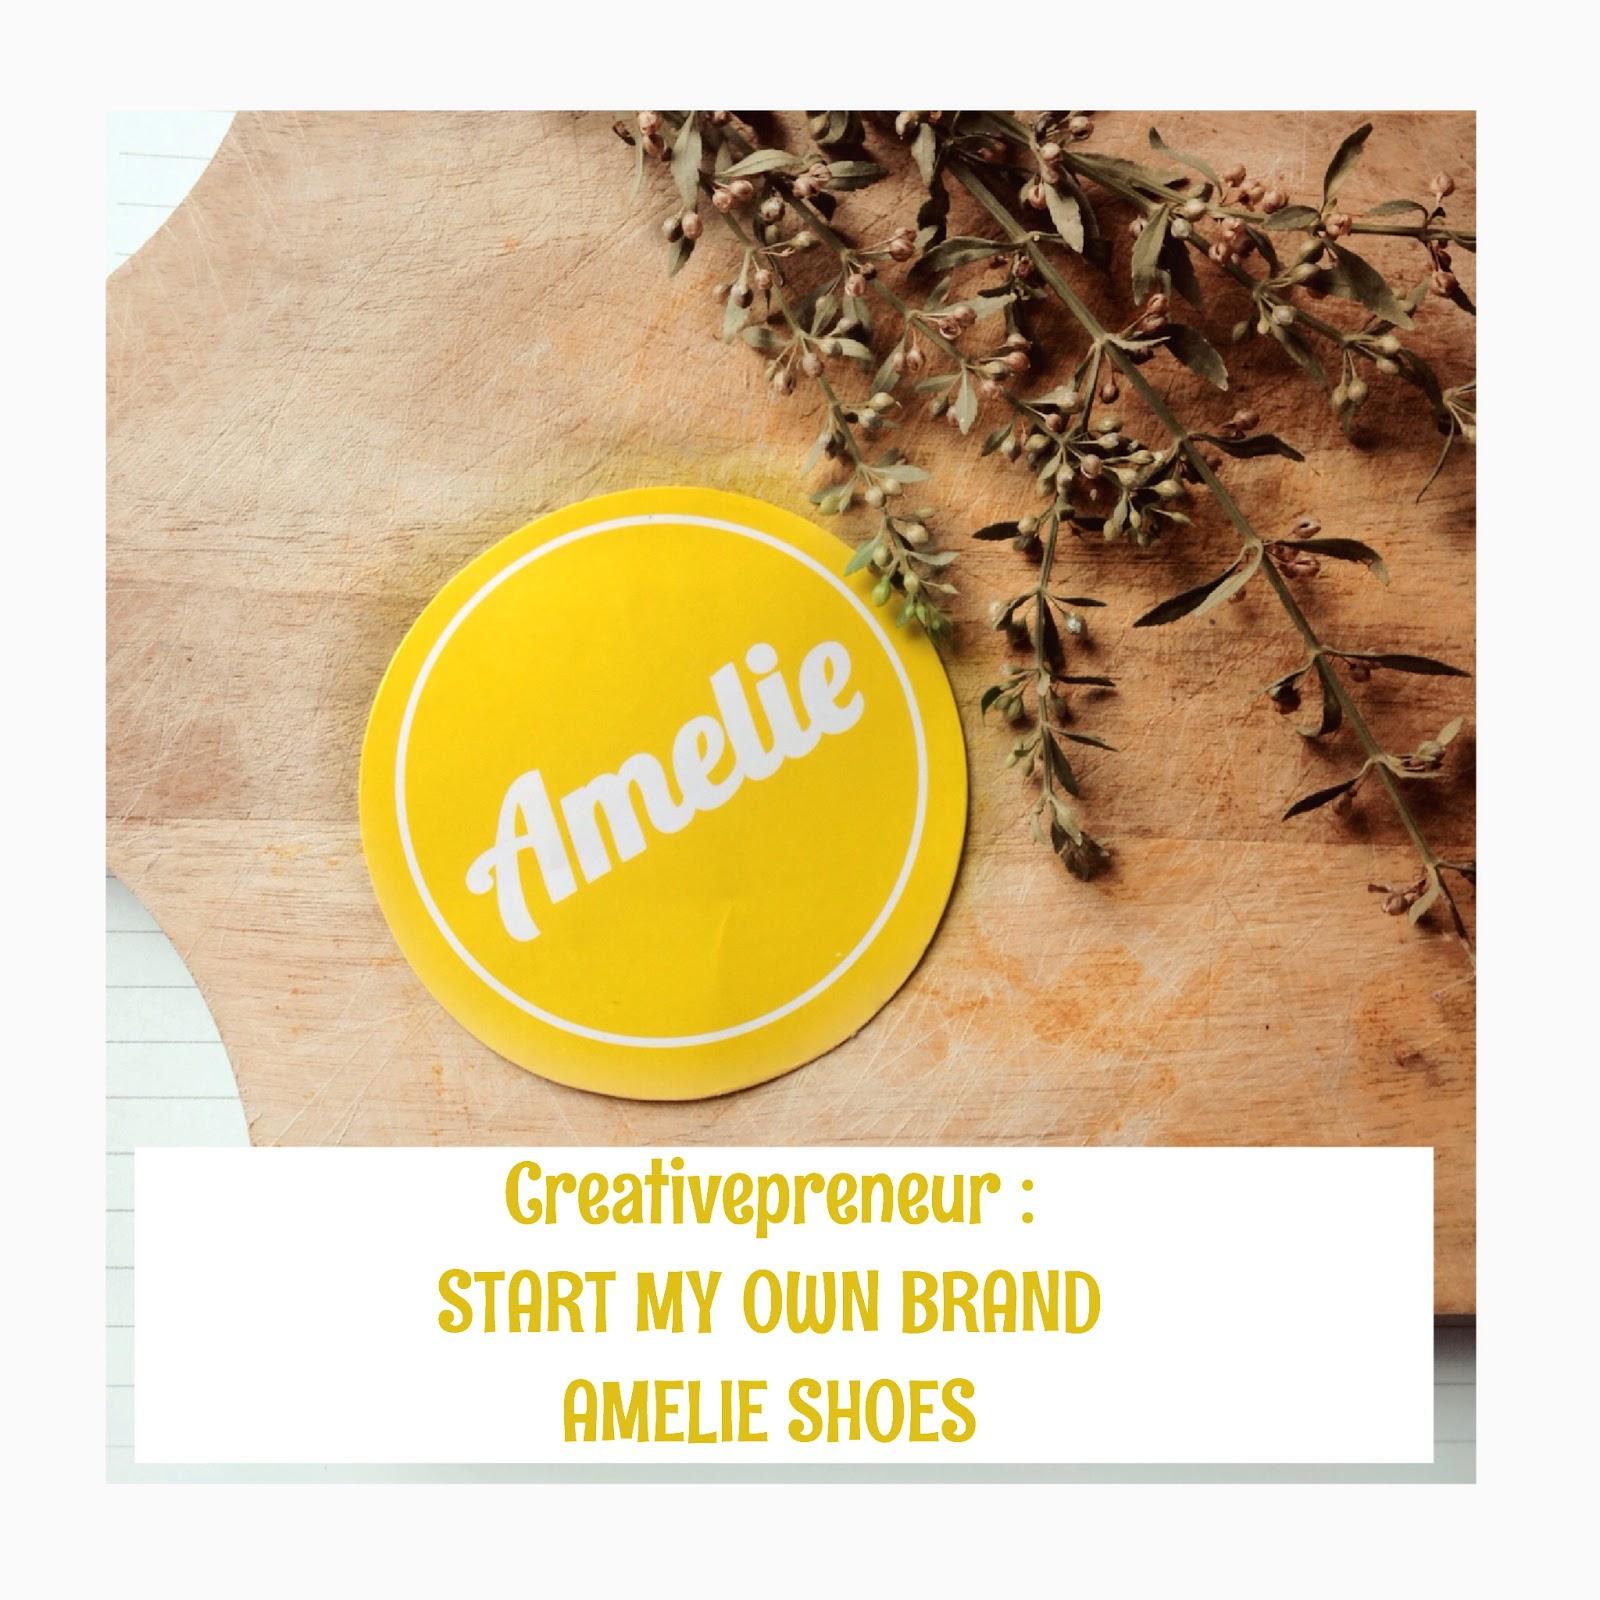 Saya belum pernah mengulik lebih dalam mengenai bisnis yang sudah saya jalankan selama 3 tahun yaitu brand handmade shoes yang bernama Amelie Shoes